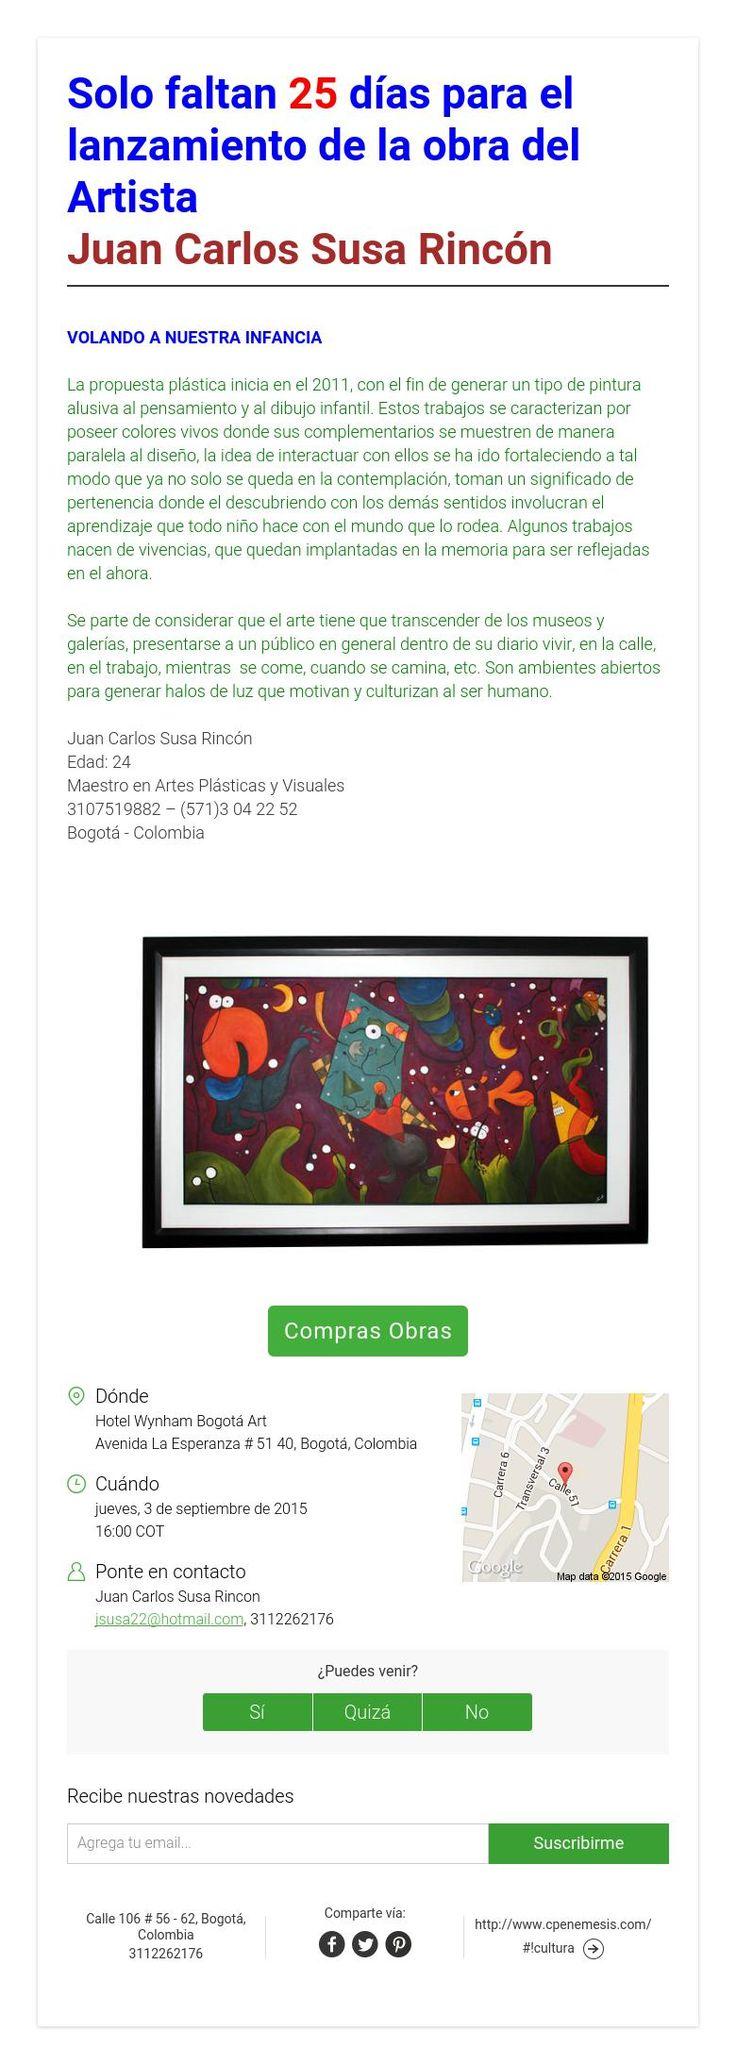 Solo faltan 7 días para el lanzamiento de la obra del Artista Juan Carlos Susa Rincón